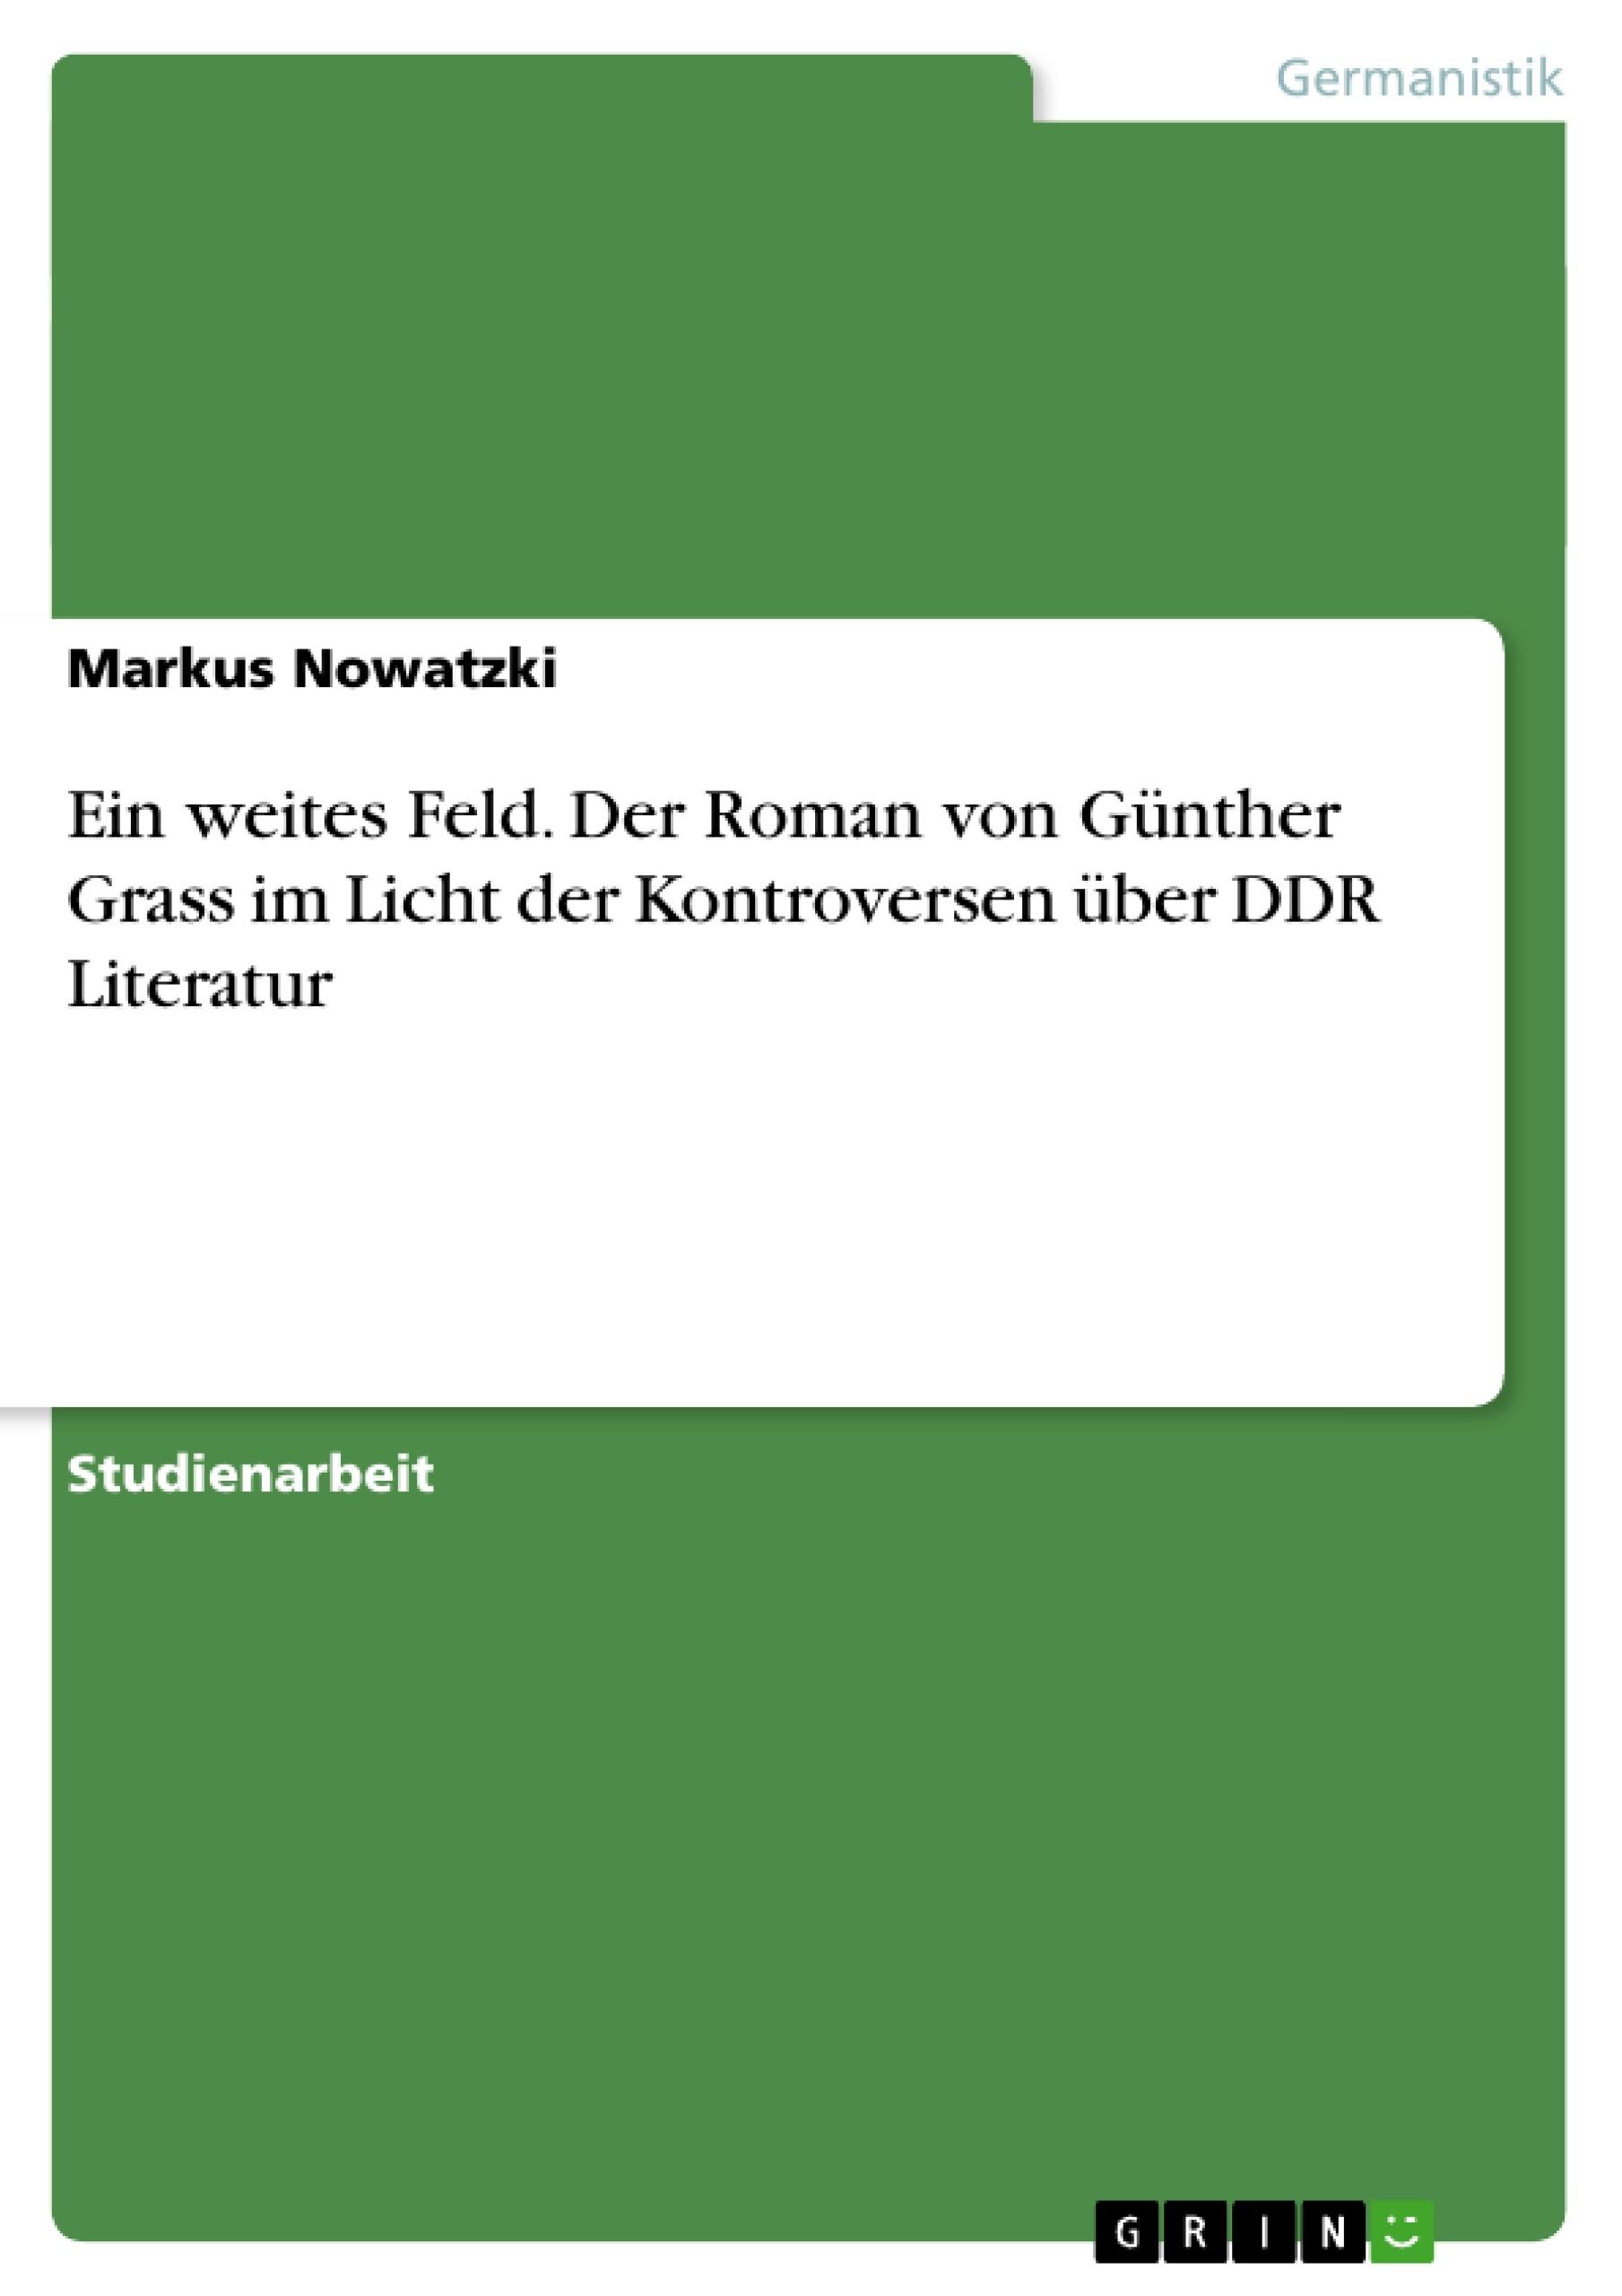 Titel: Ein weites Feld. Der Roman von Günther Grass im Licht der Kontroversen über DDR Literatur